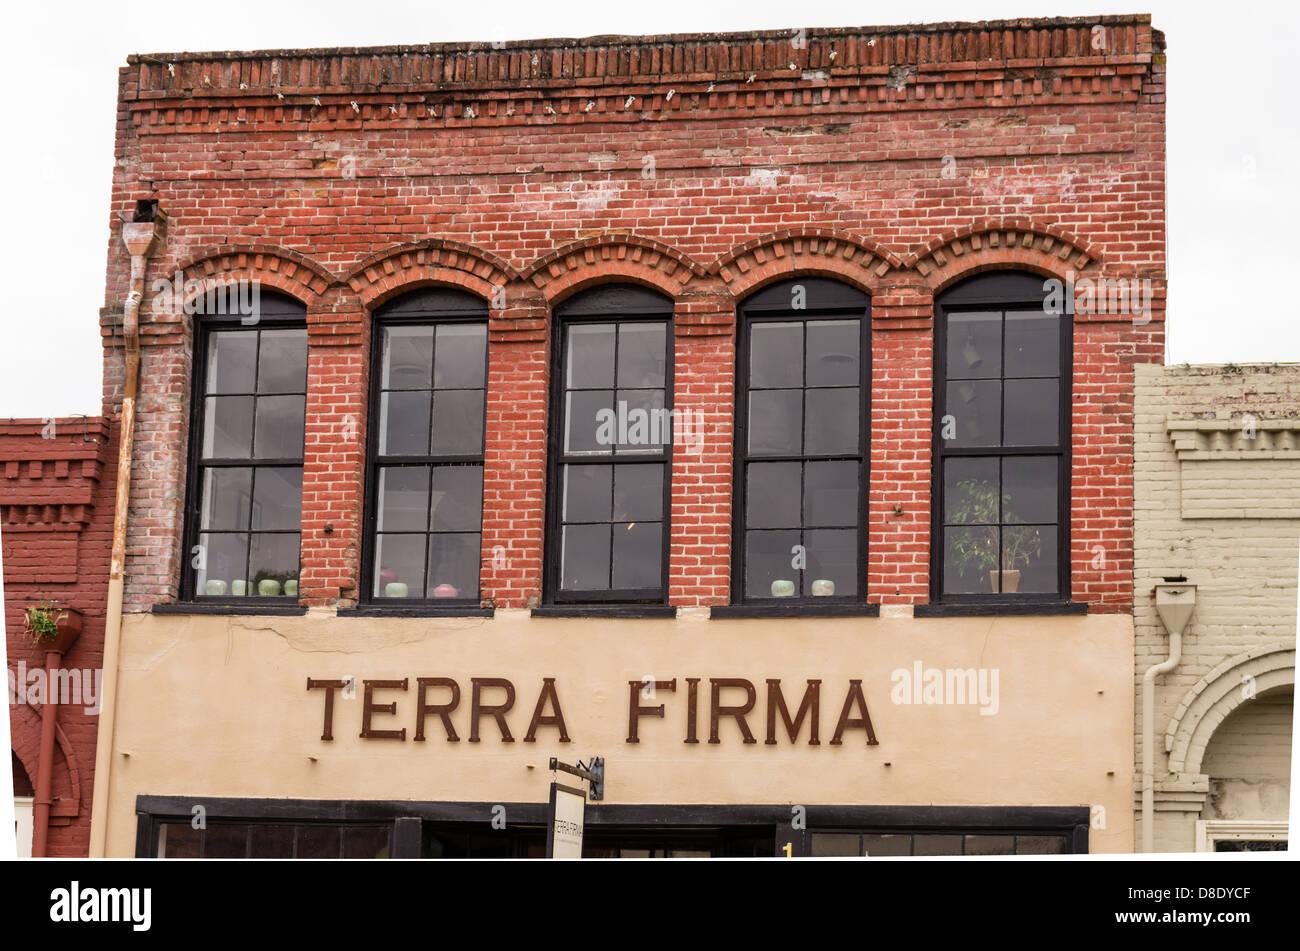 Jacksonville, Oregón, Estados Unidos. Terra Firma, tienda de ropa en el centro histórico de la ciudad Imagen De Stock